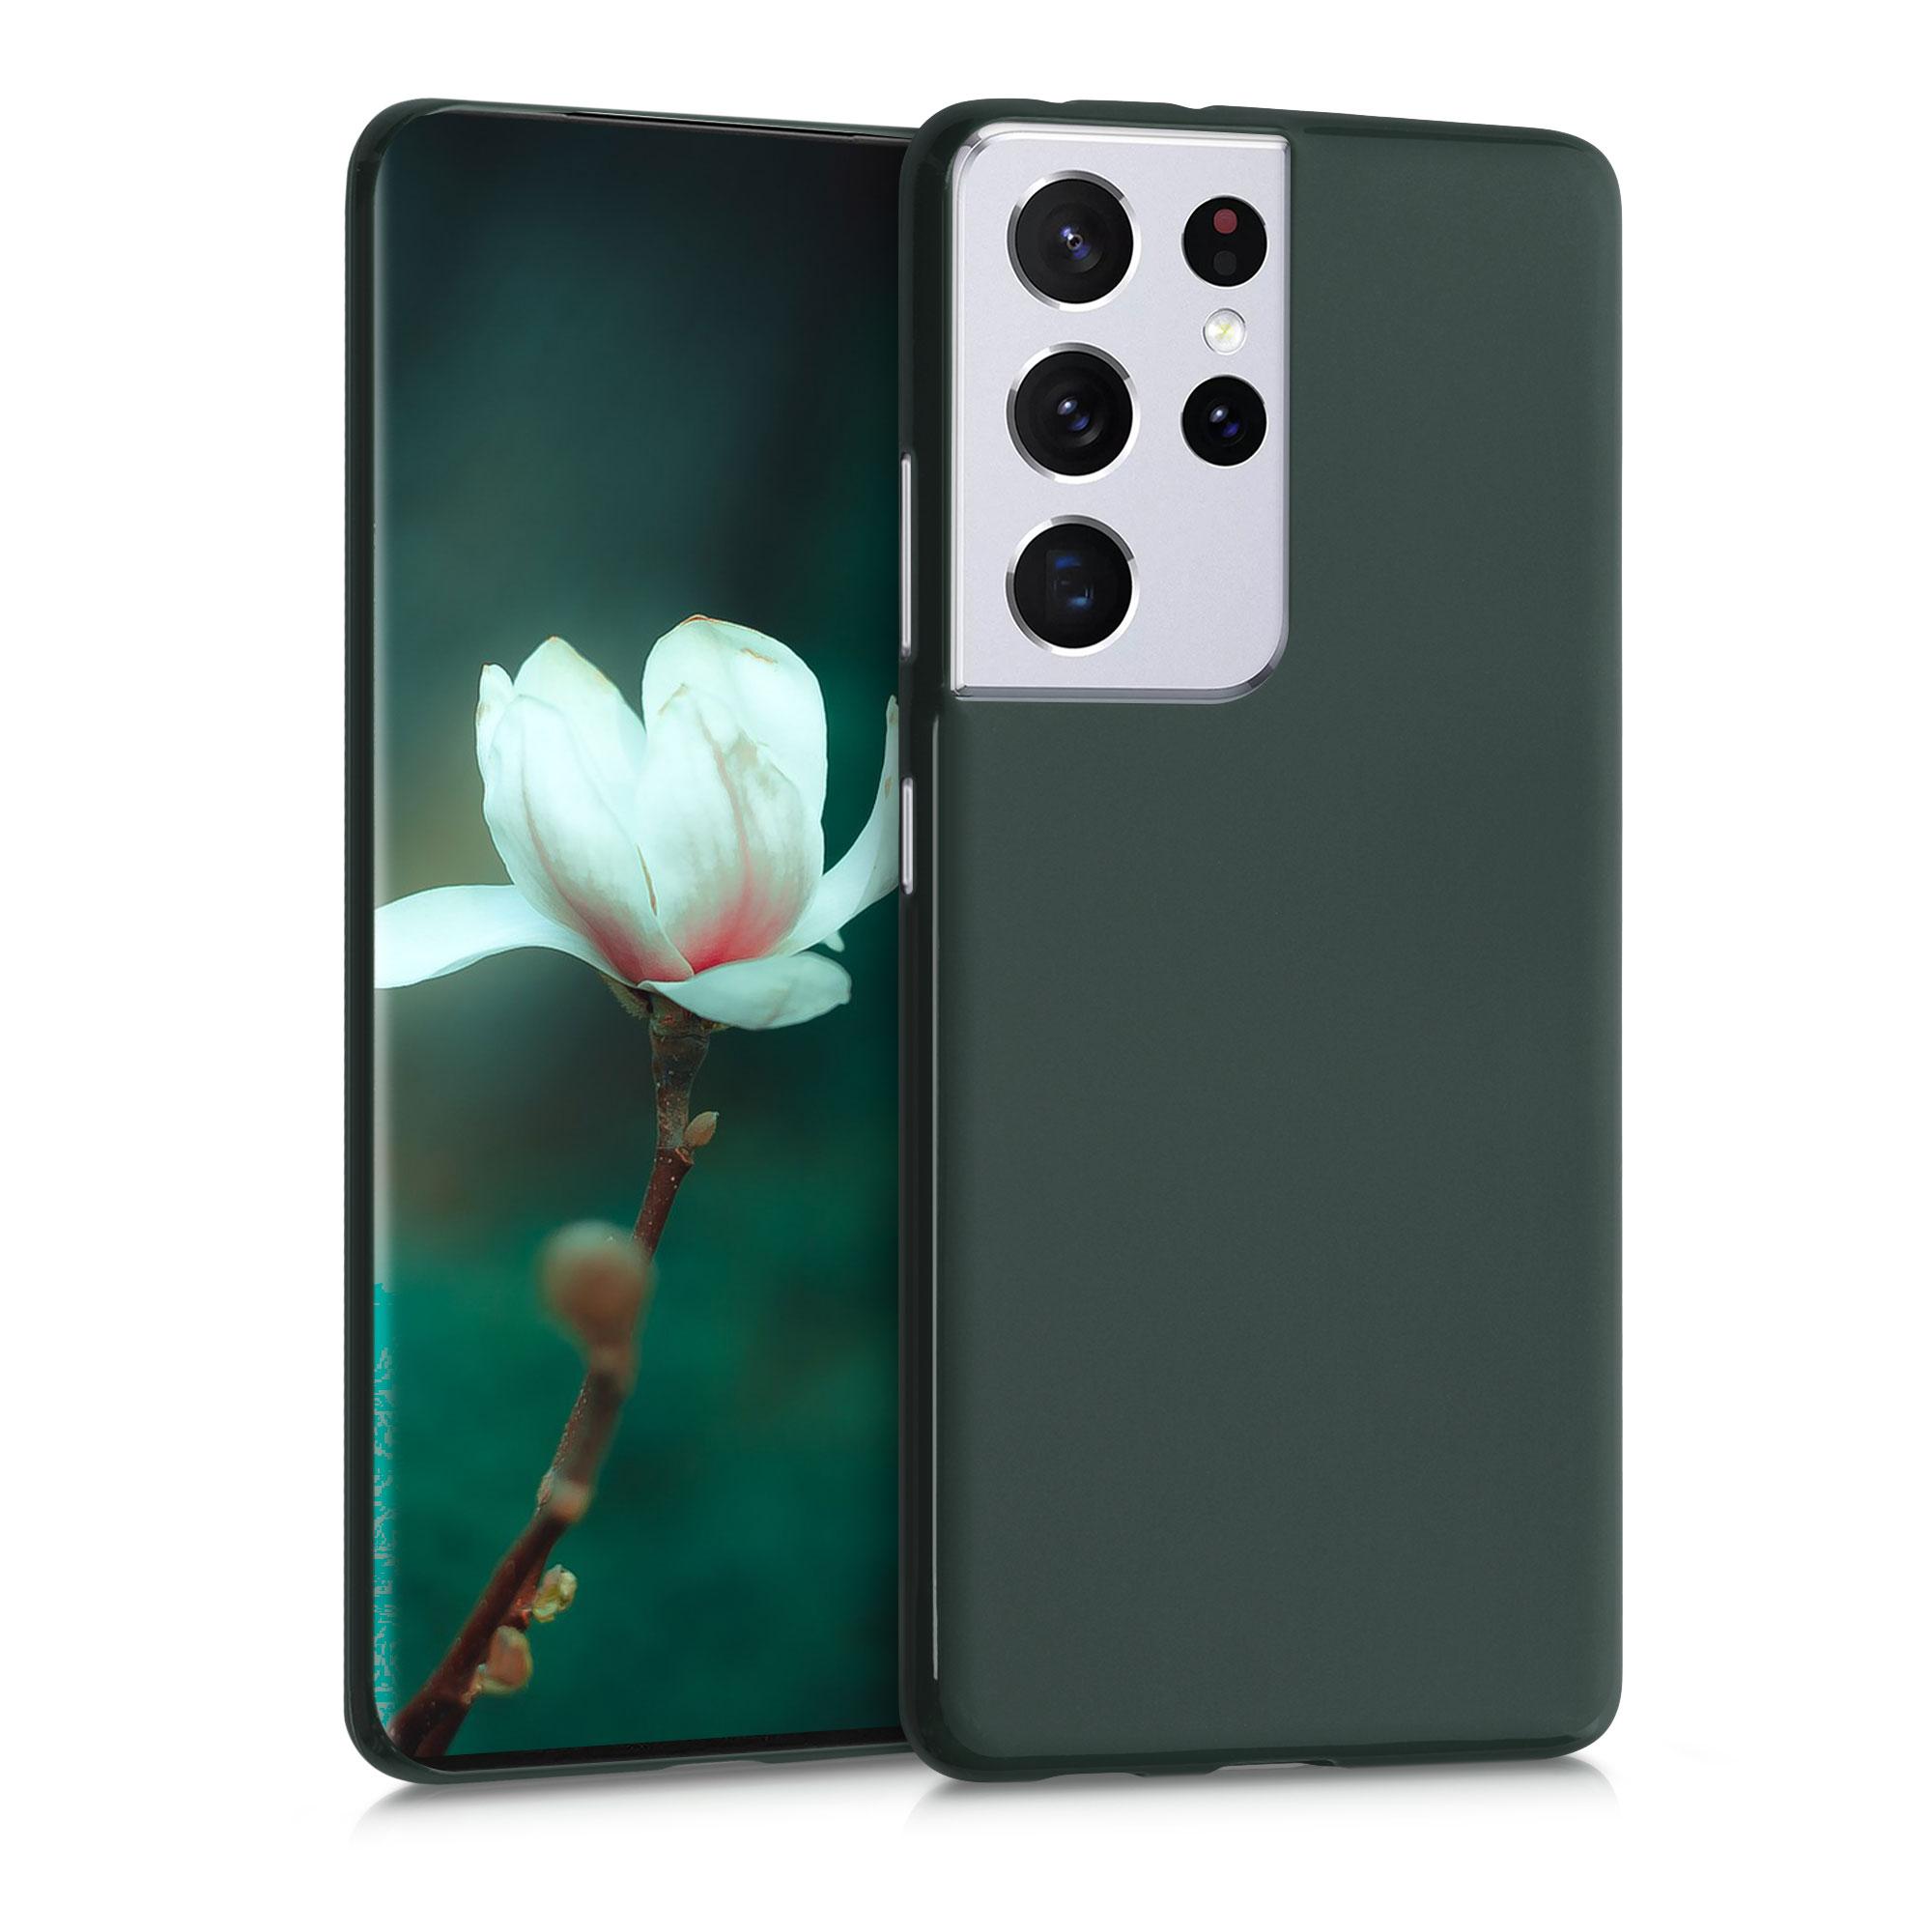 Kvalitní silikonové TPU pouzdro pro Samsung S21 Ultra - Moss Green